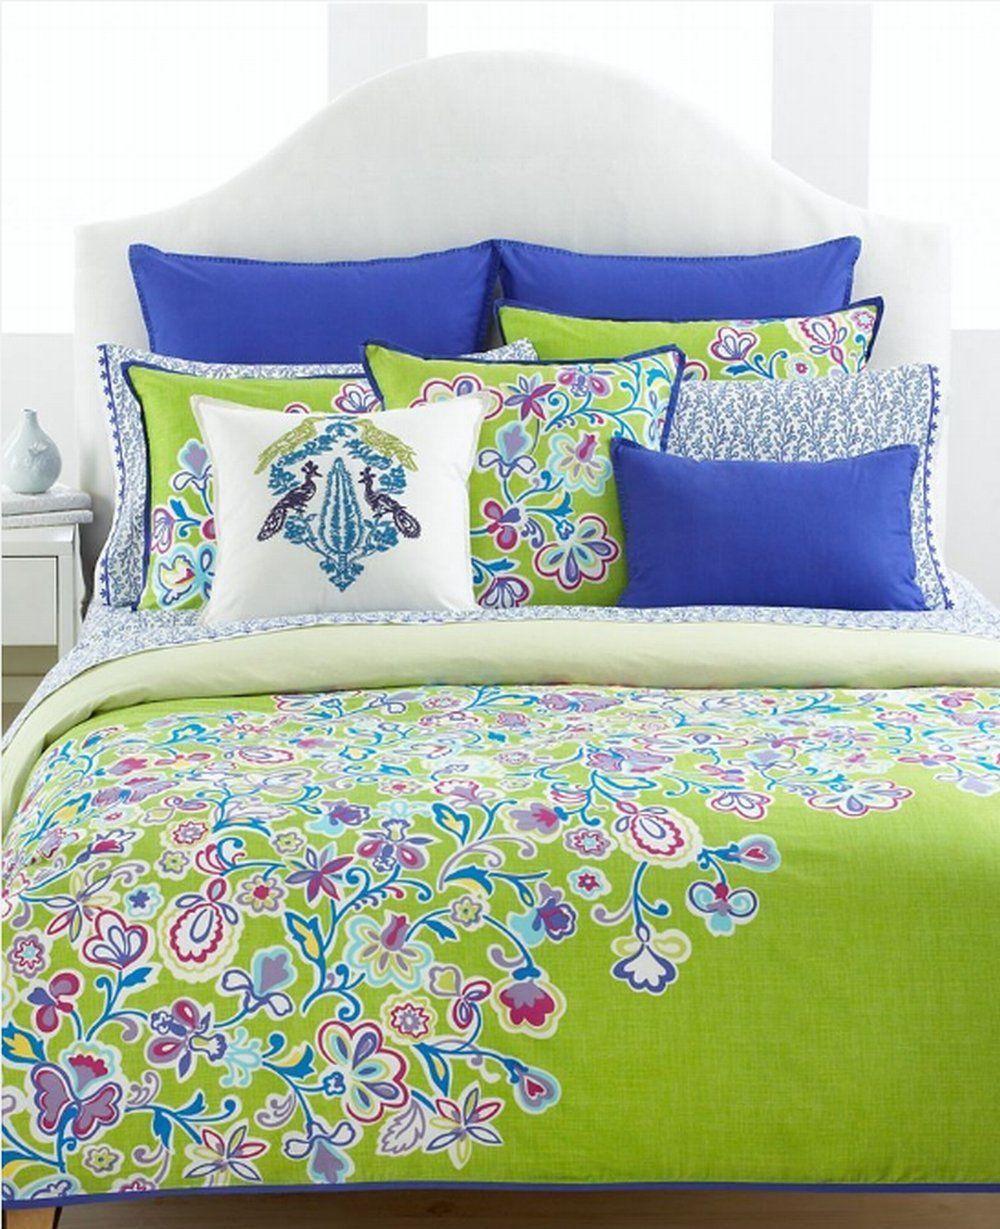 colors added to dark blue bedroom comforter | Tommy Hilfiger ...